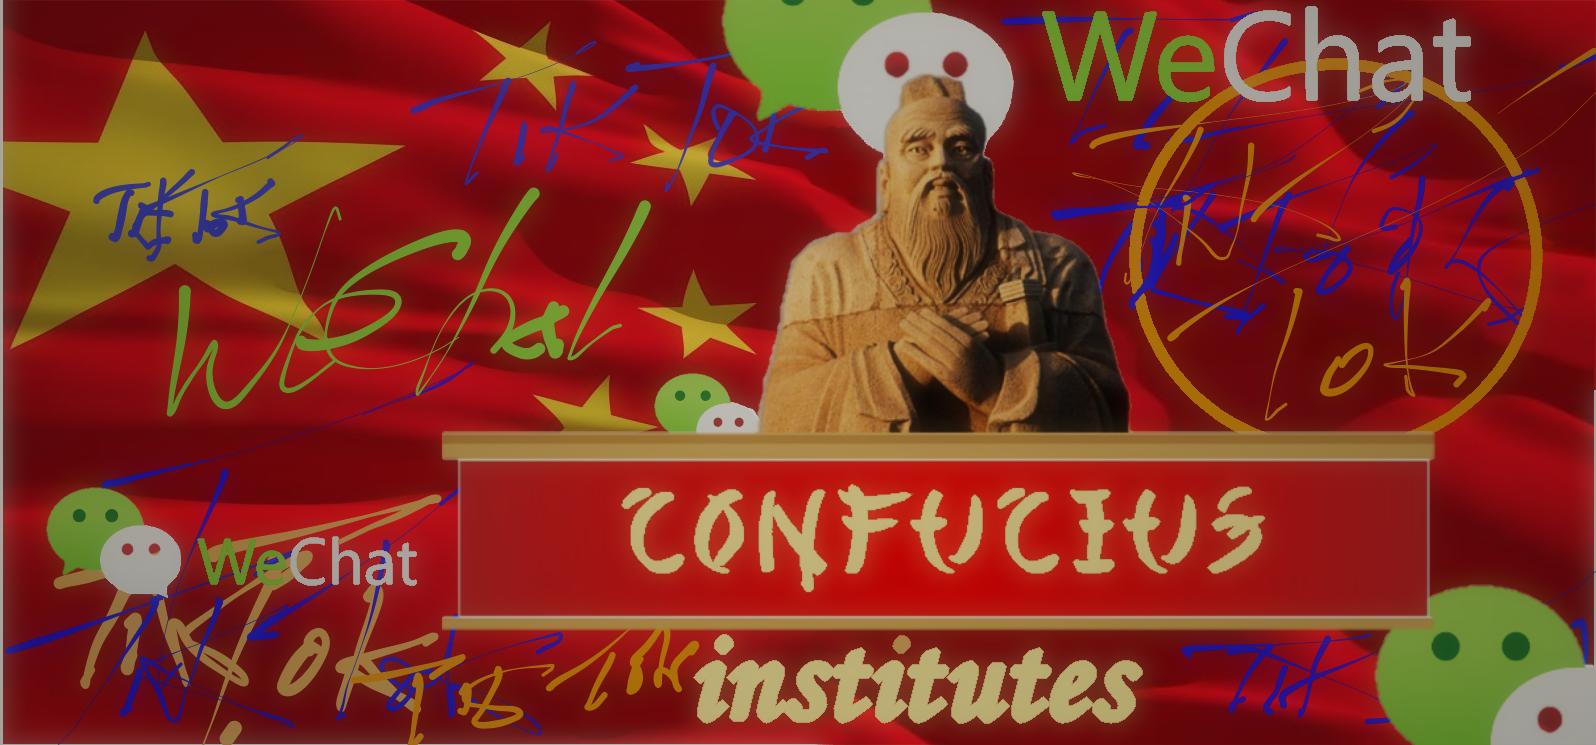 ConfuciusInstitutes3